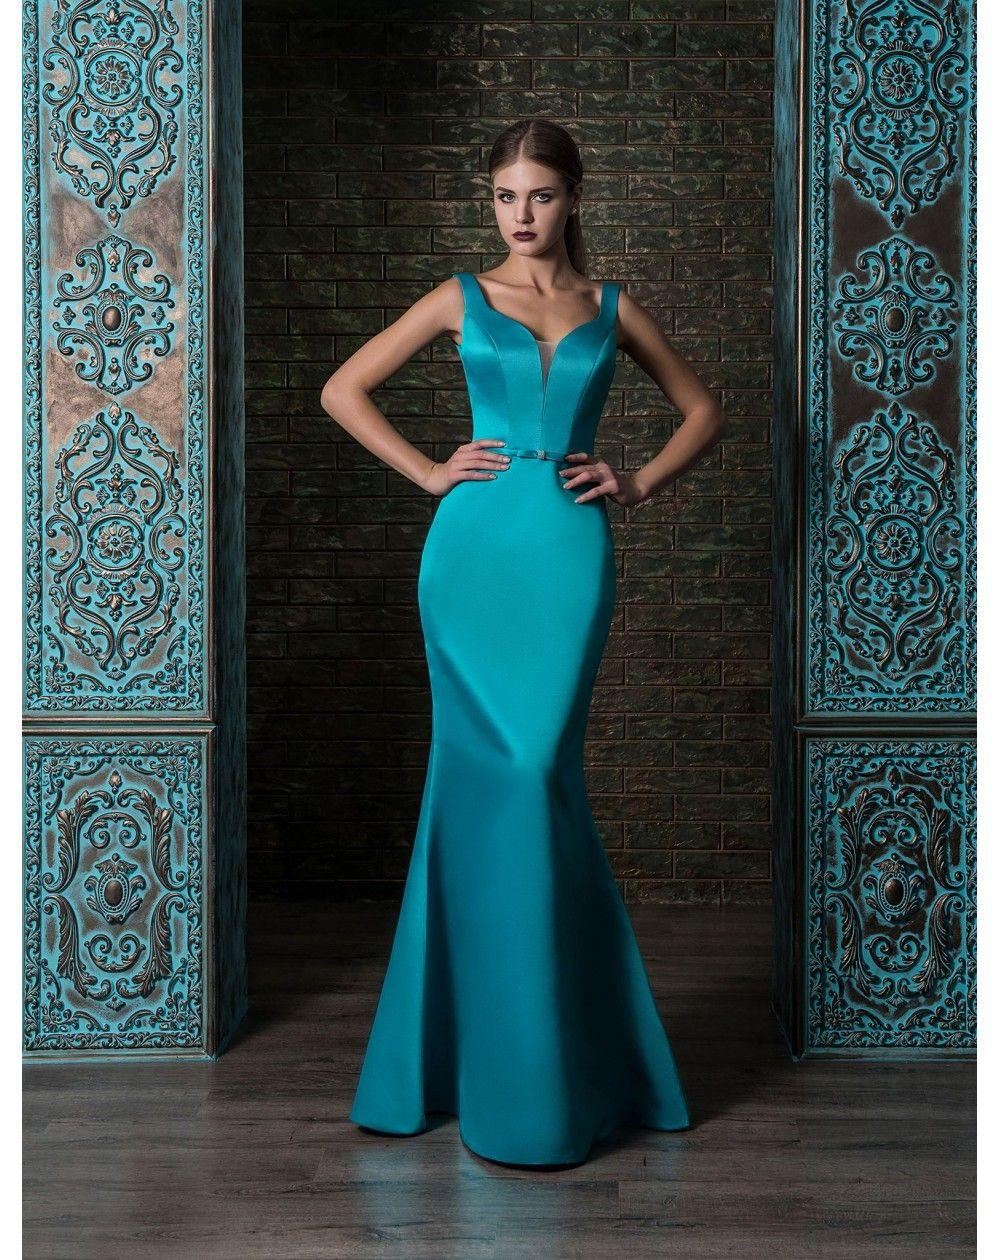 Nádherné saténové šaty strihu morská panna podčiarknu dokonalú postavu  nositeľky. K šatám patrí neoddeliteľne hlboký edad204218e